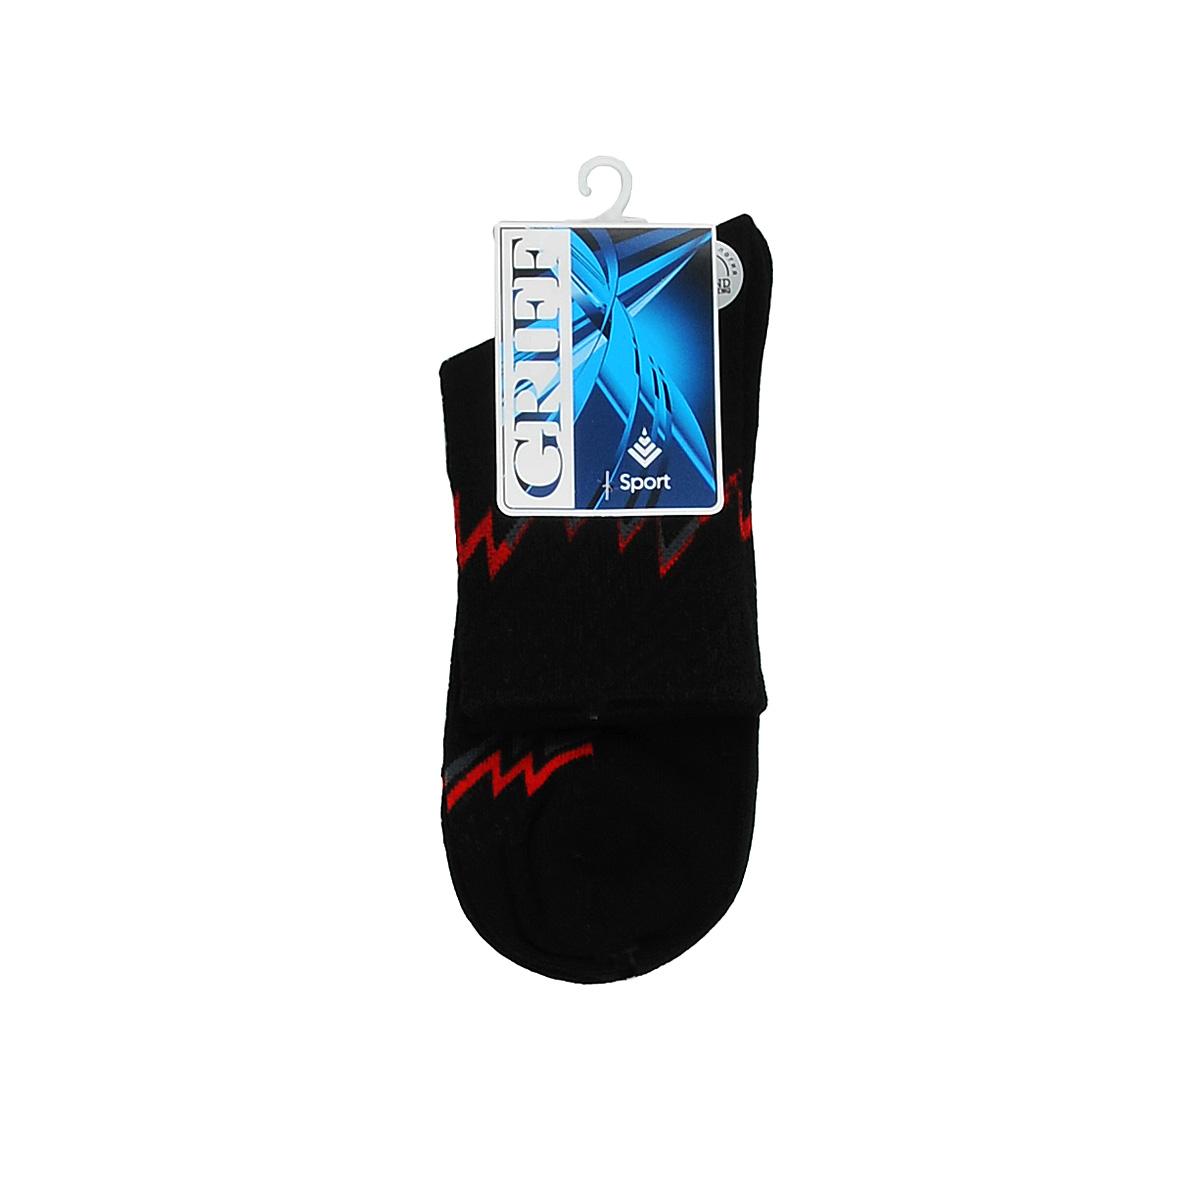 Носки Griff Sport, цвет: черный. Размер 45/47. S30S30Носки для активного отдыха и занятий спортом Griff Sport отличаются повышенной гигроскопичностью и комфортностью. Удобная резинка пресс-контроль способствует профилактике усталости ног. Усиленные пятка и носок.